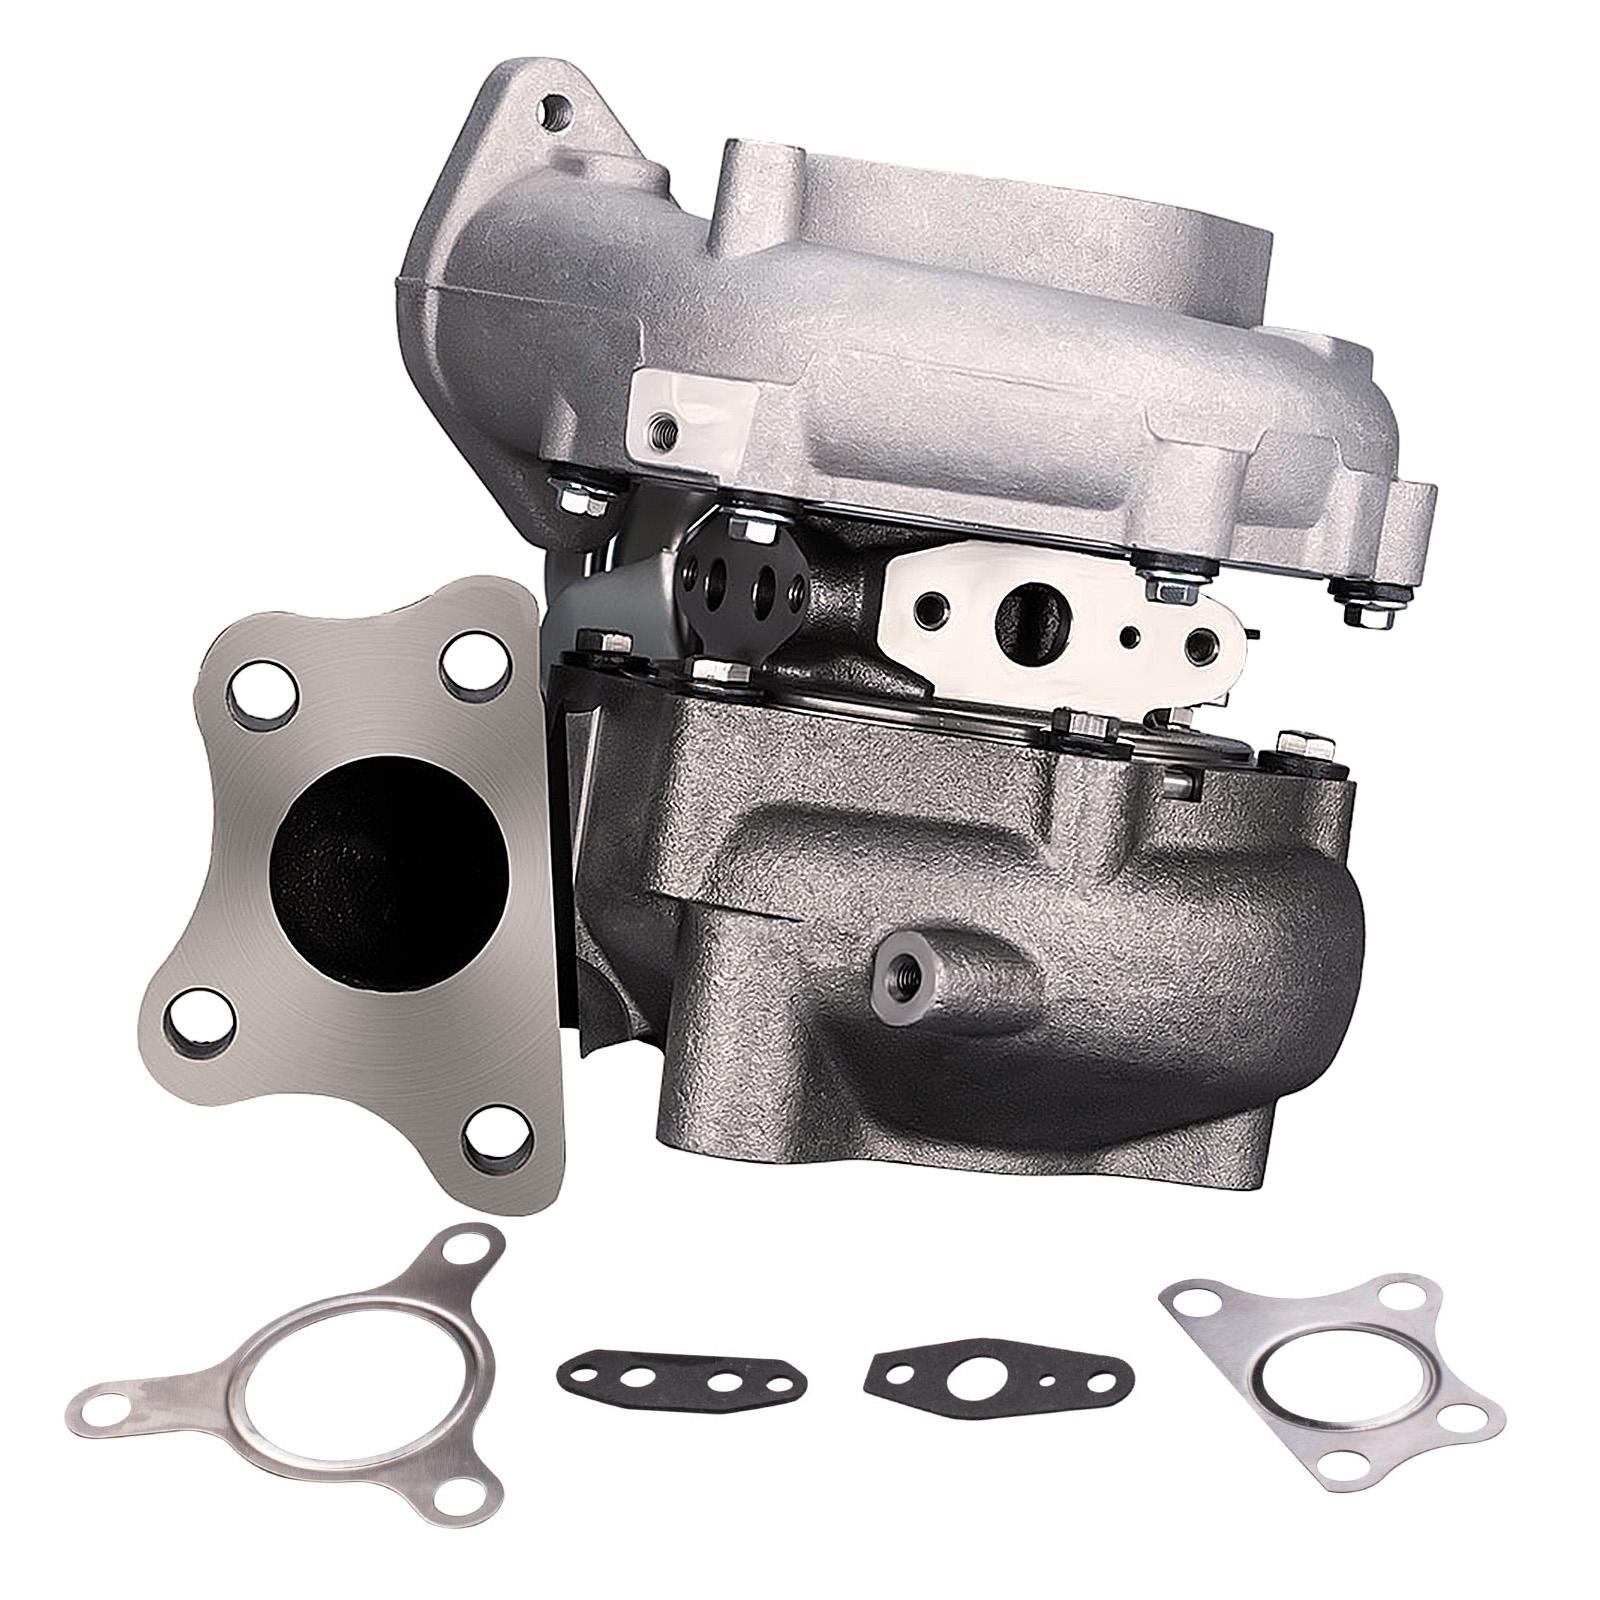 Carby for Honda TRX125 TRX 125 PZ22C CT90 CT110 PZ FourTrax Carburetor PZ 22C CT